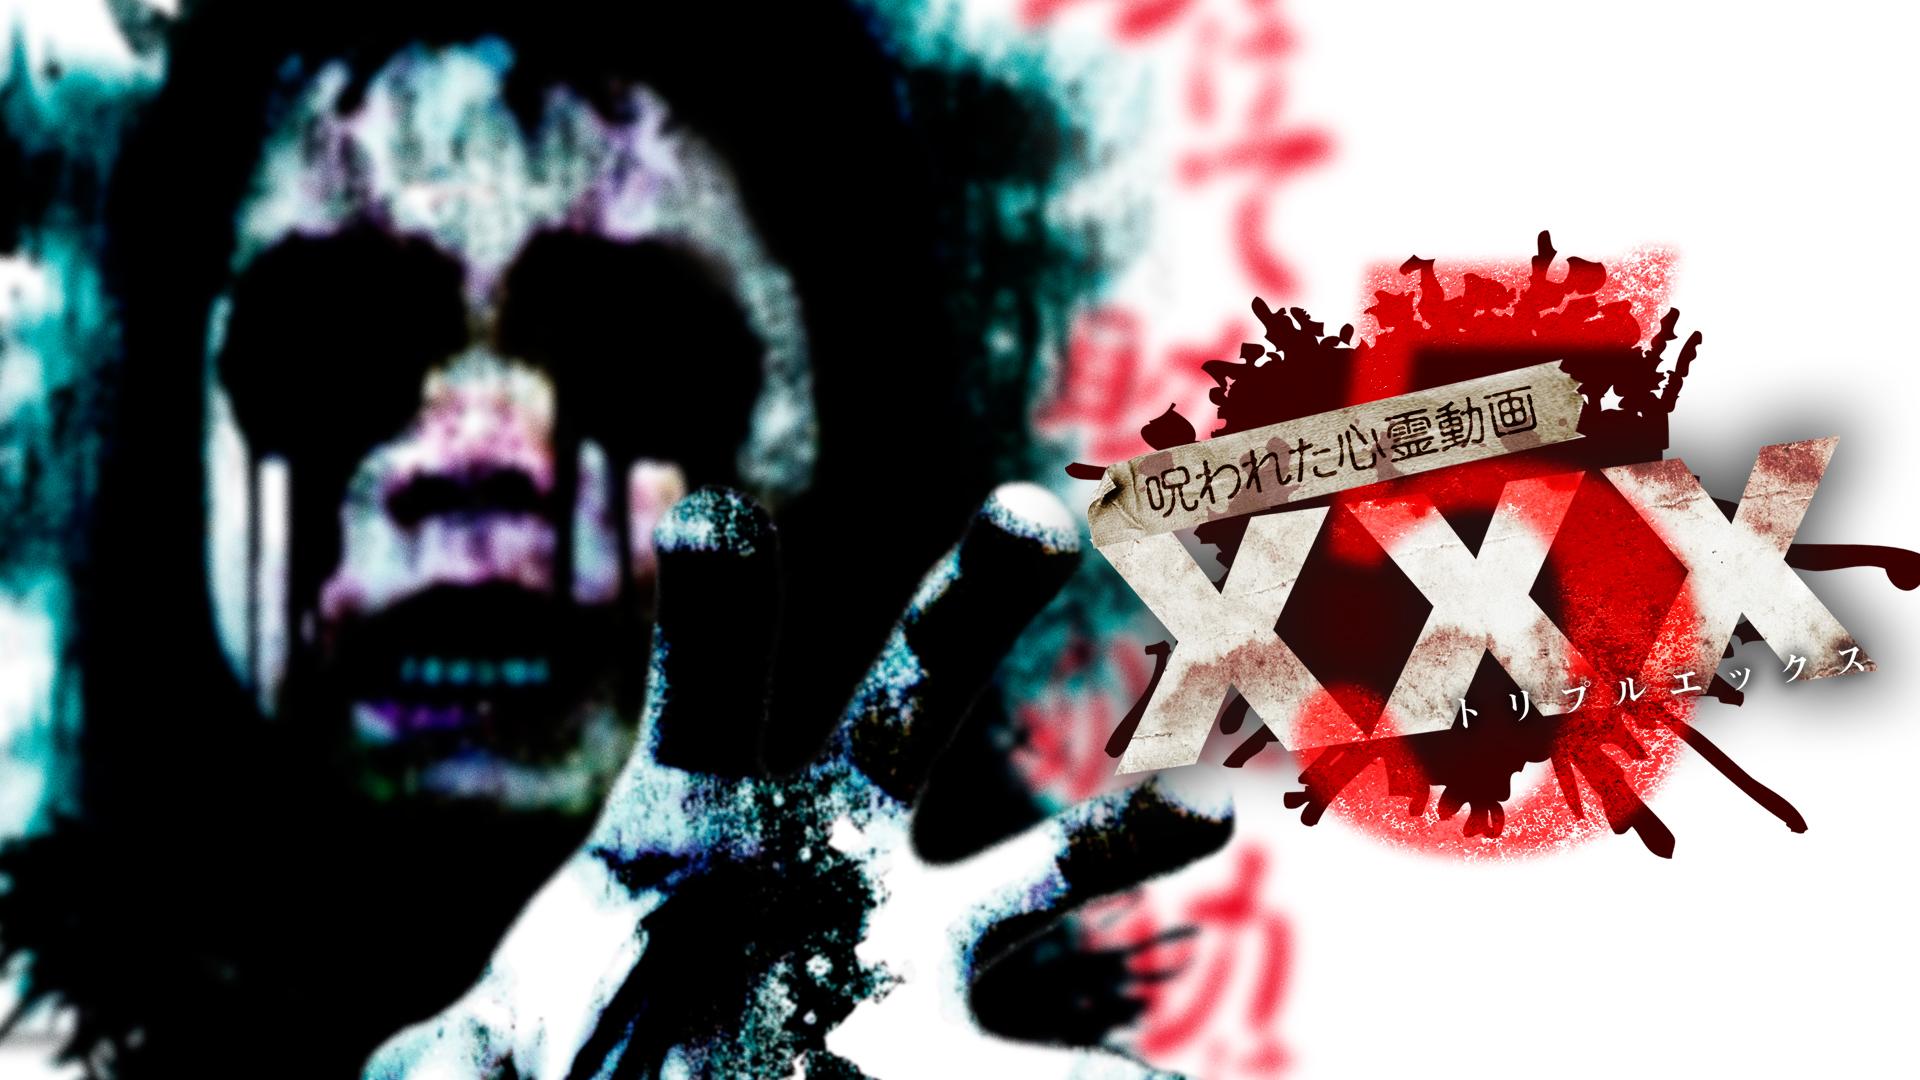 呪われた心霊動画 XXX(トリプルエックス)5